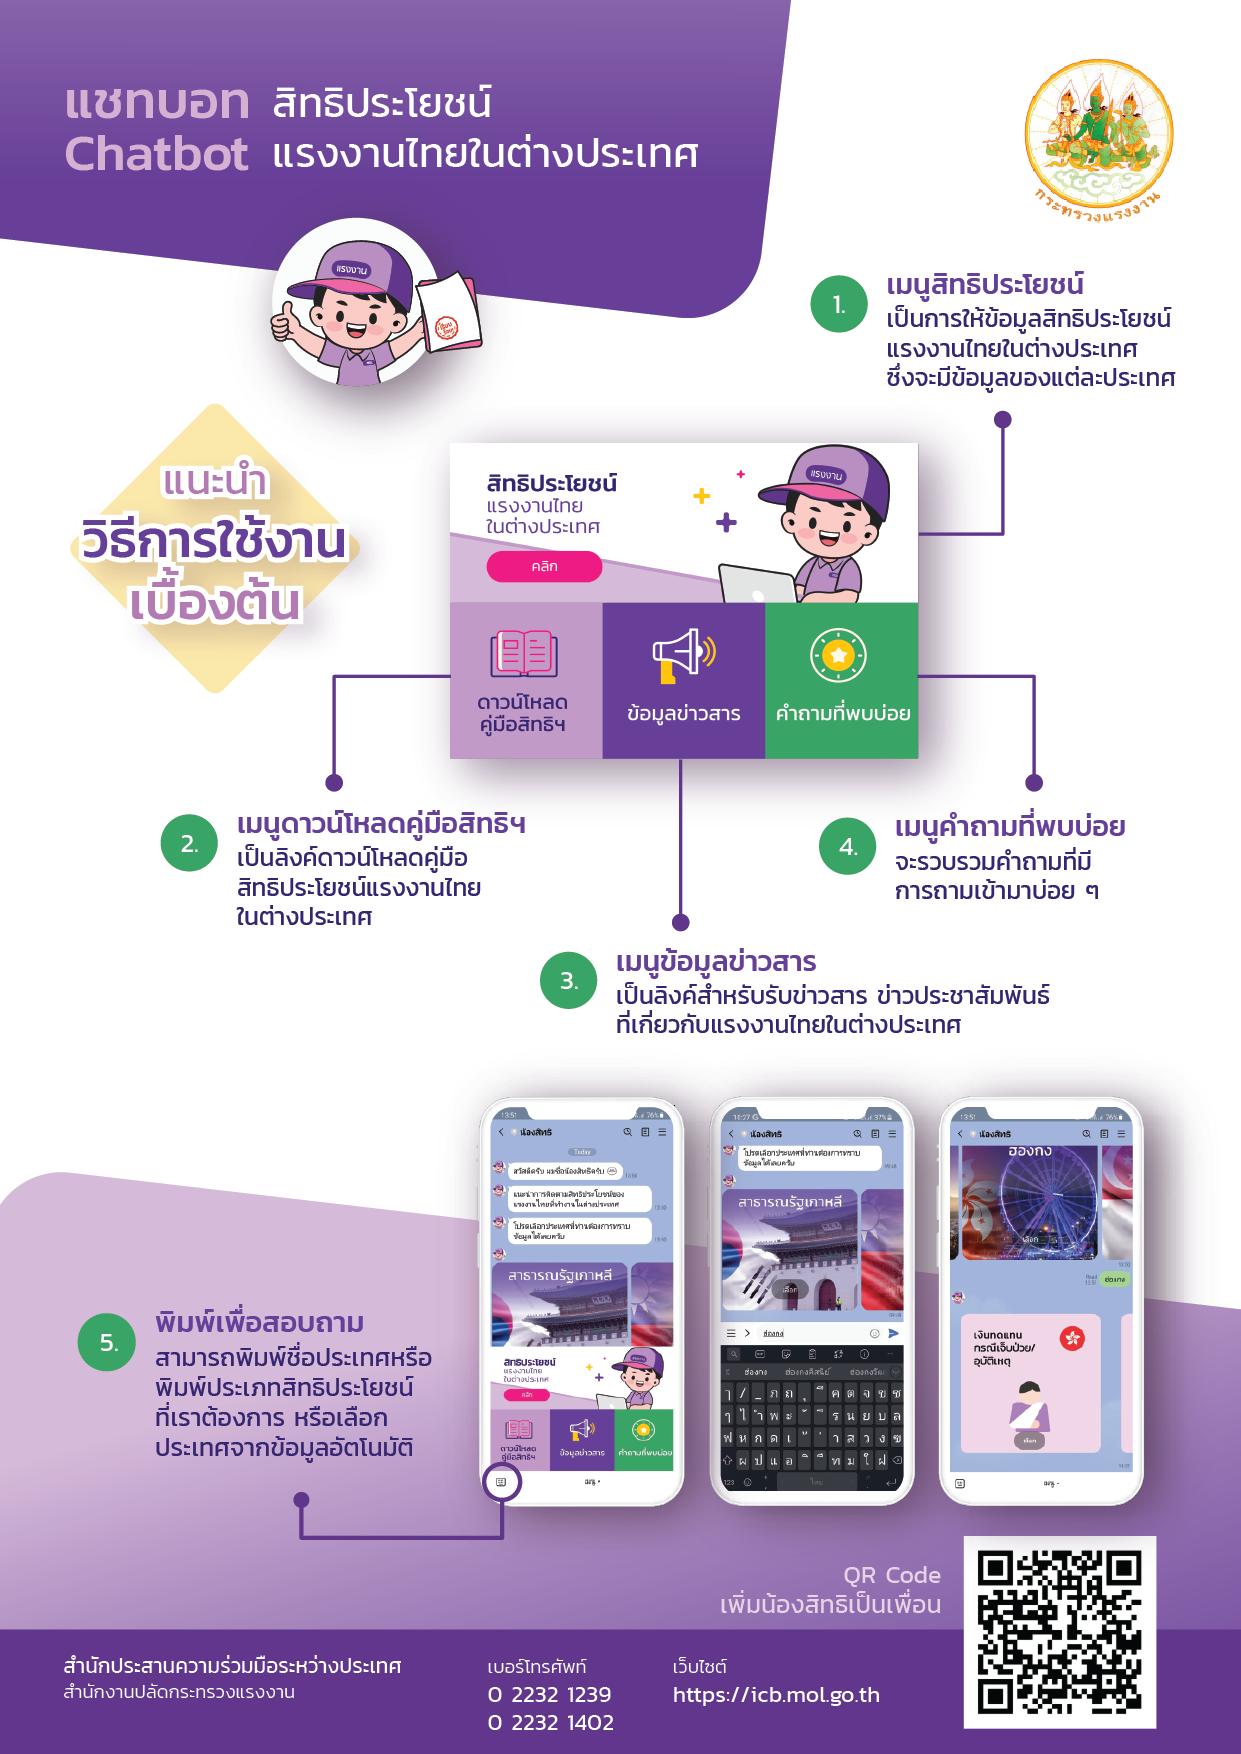 ระบบตอบข้อมูลสิทธิประโยชน์แรงงานไทยในต่างประเทศแบบอัตโนมัติ (Chatbot)